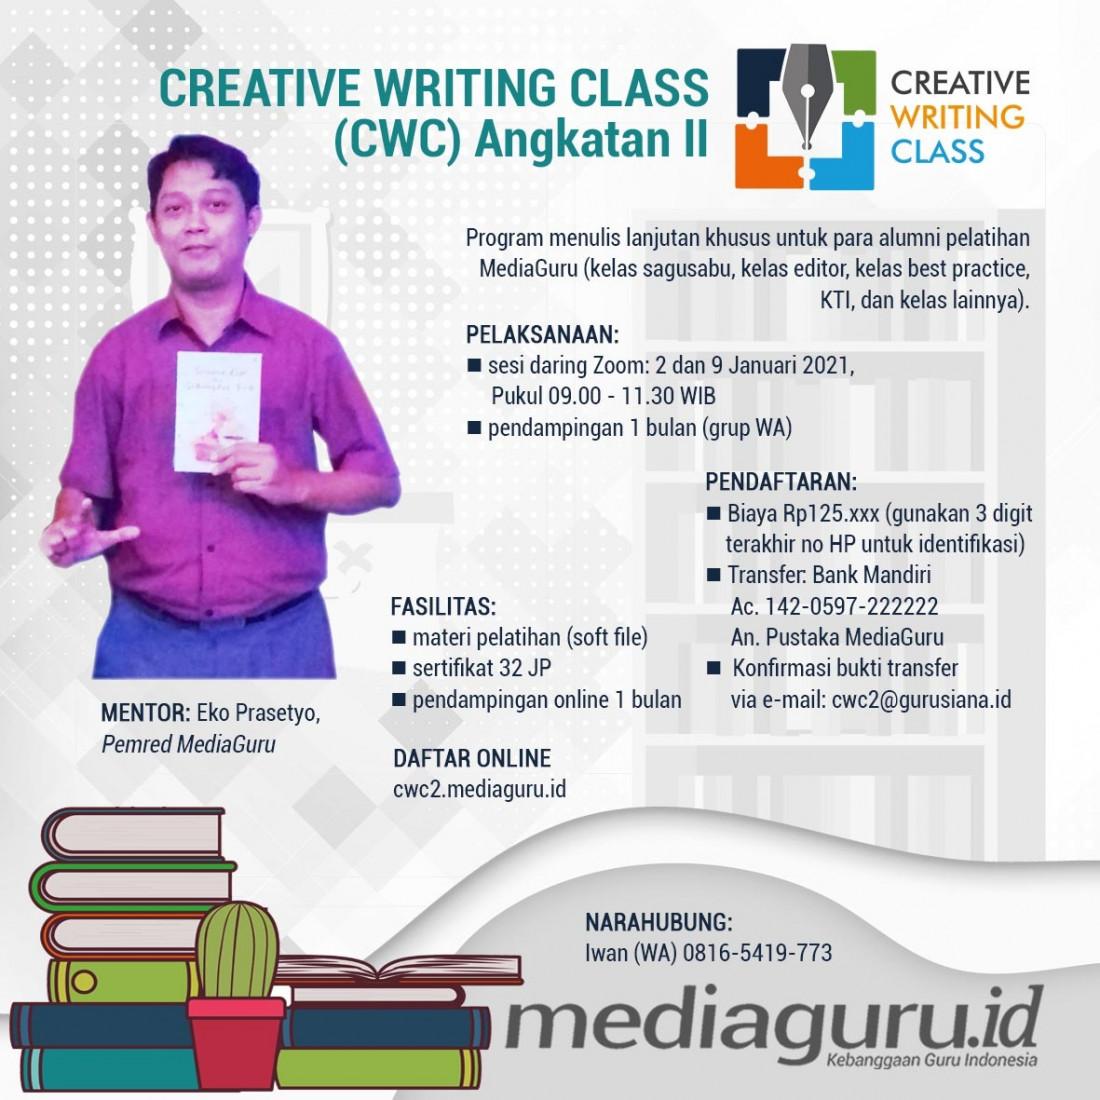 CREATIVE WRITING CLASS (CWC) II MEDIAGURU (2 & 9 JANUARI 2021)